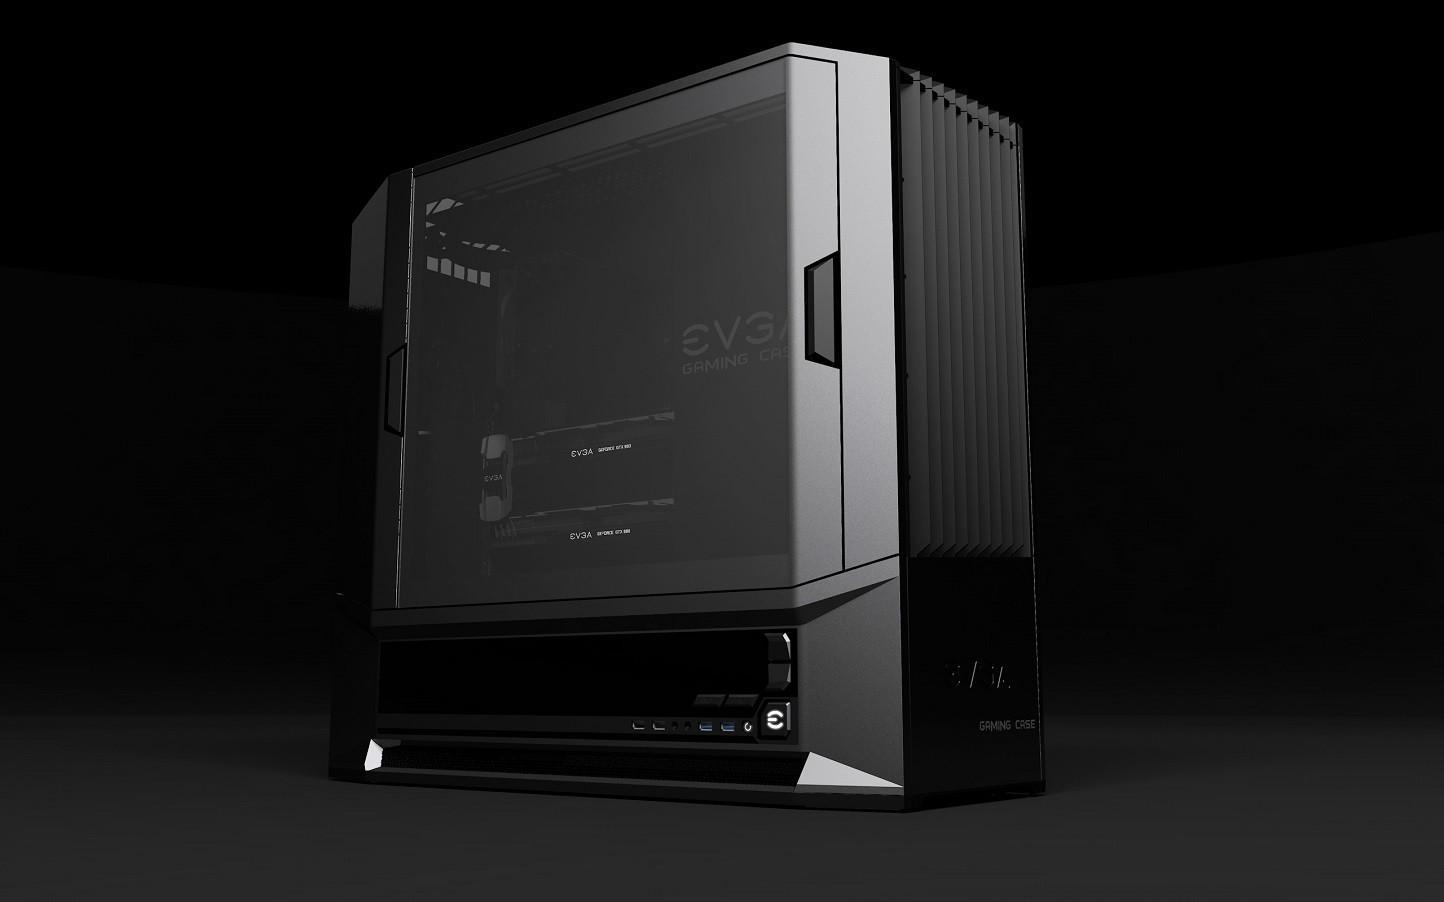 EVGA Caja gaming